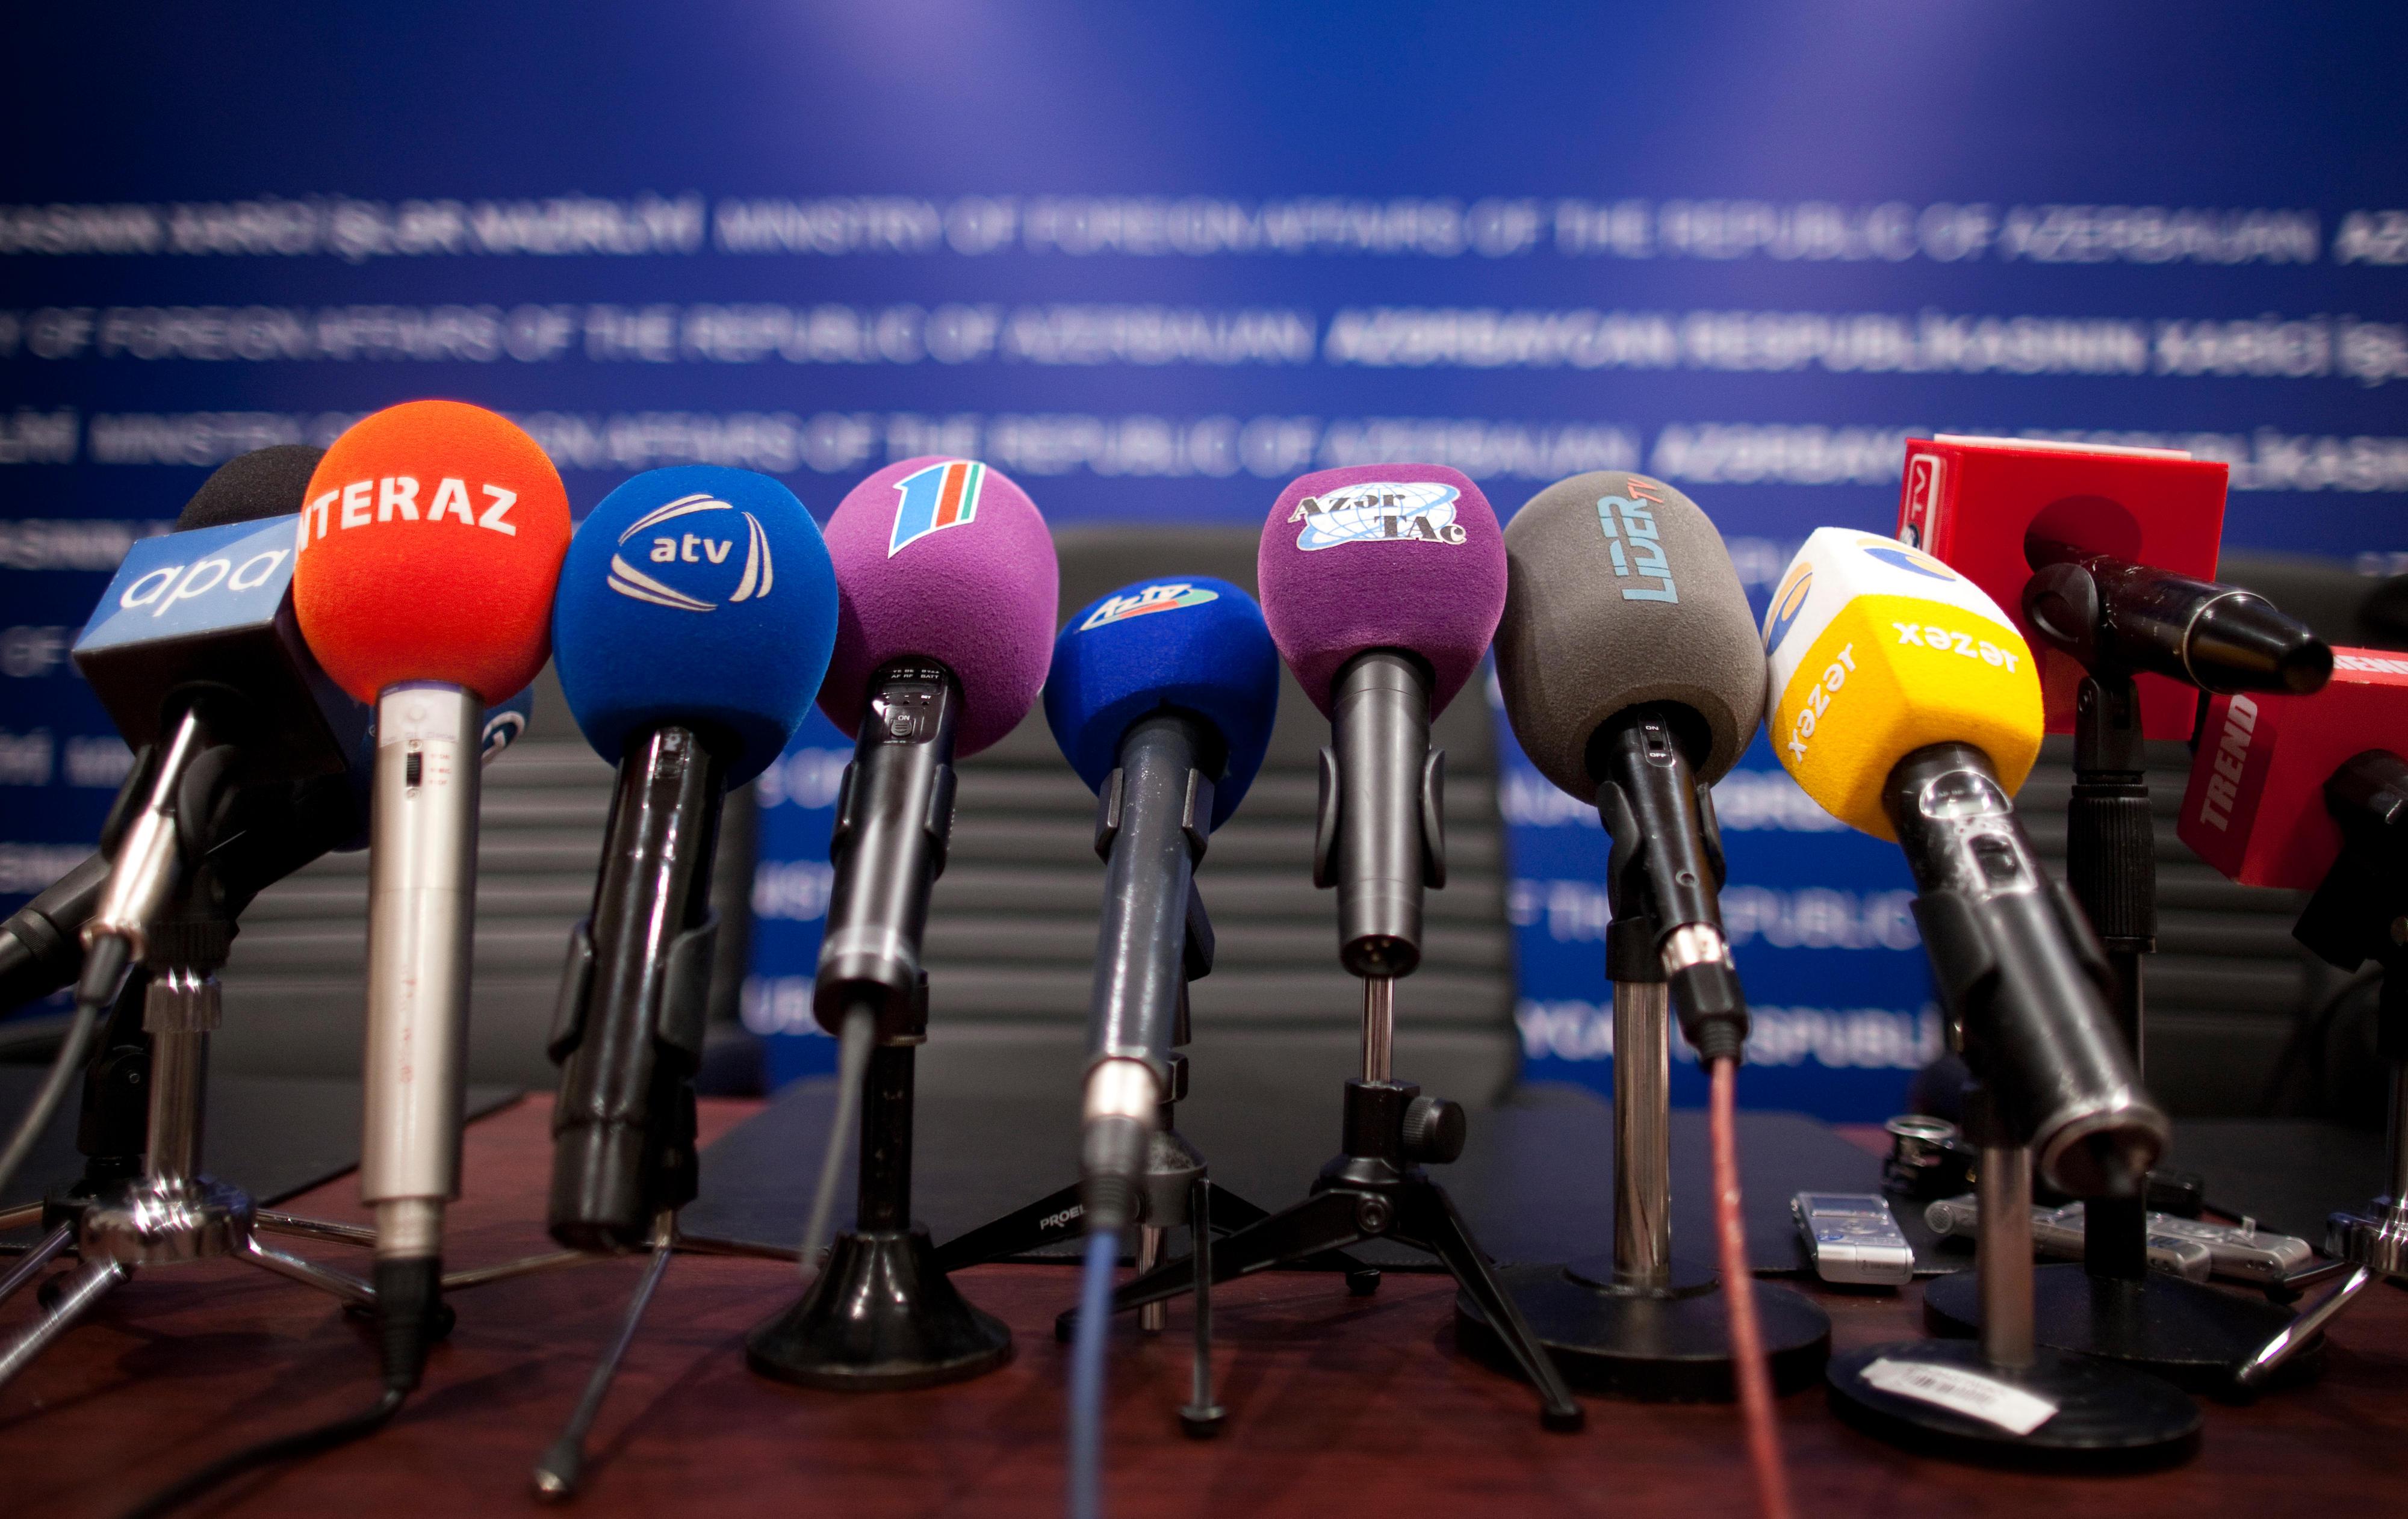 Mikrofone von Journalisten auf einer Pressekonferenz in Baku, Aserbaidschan